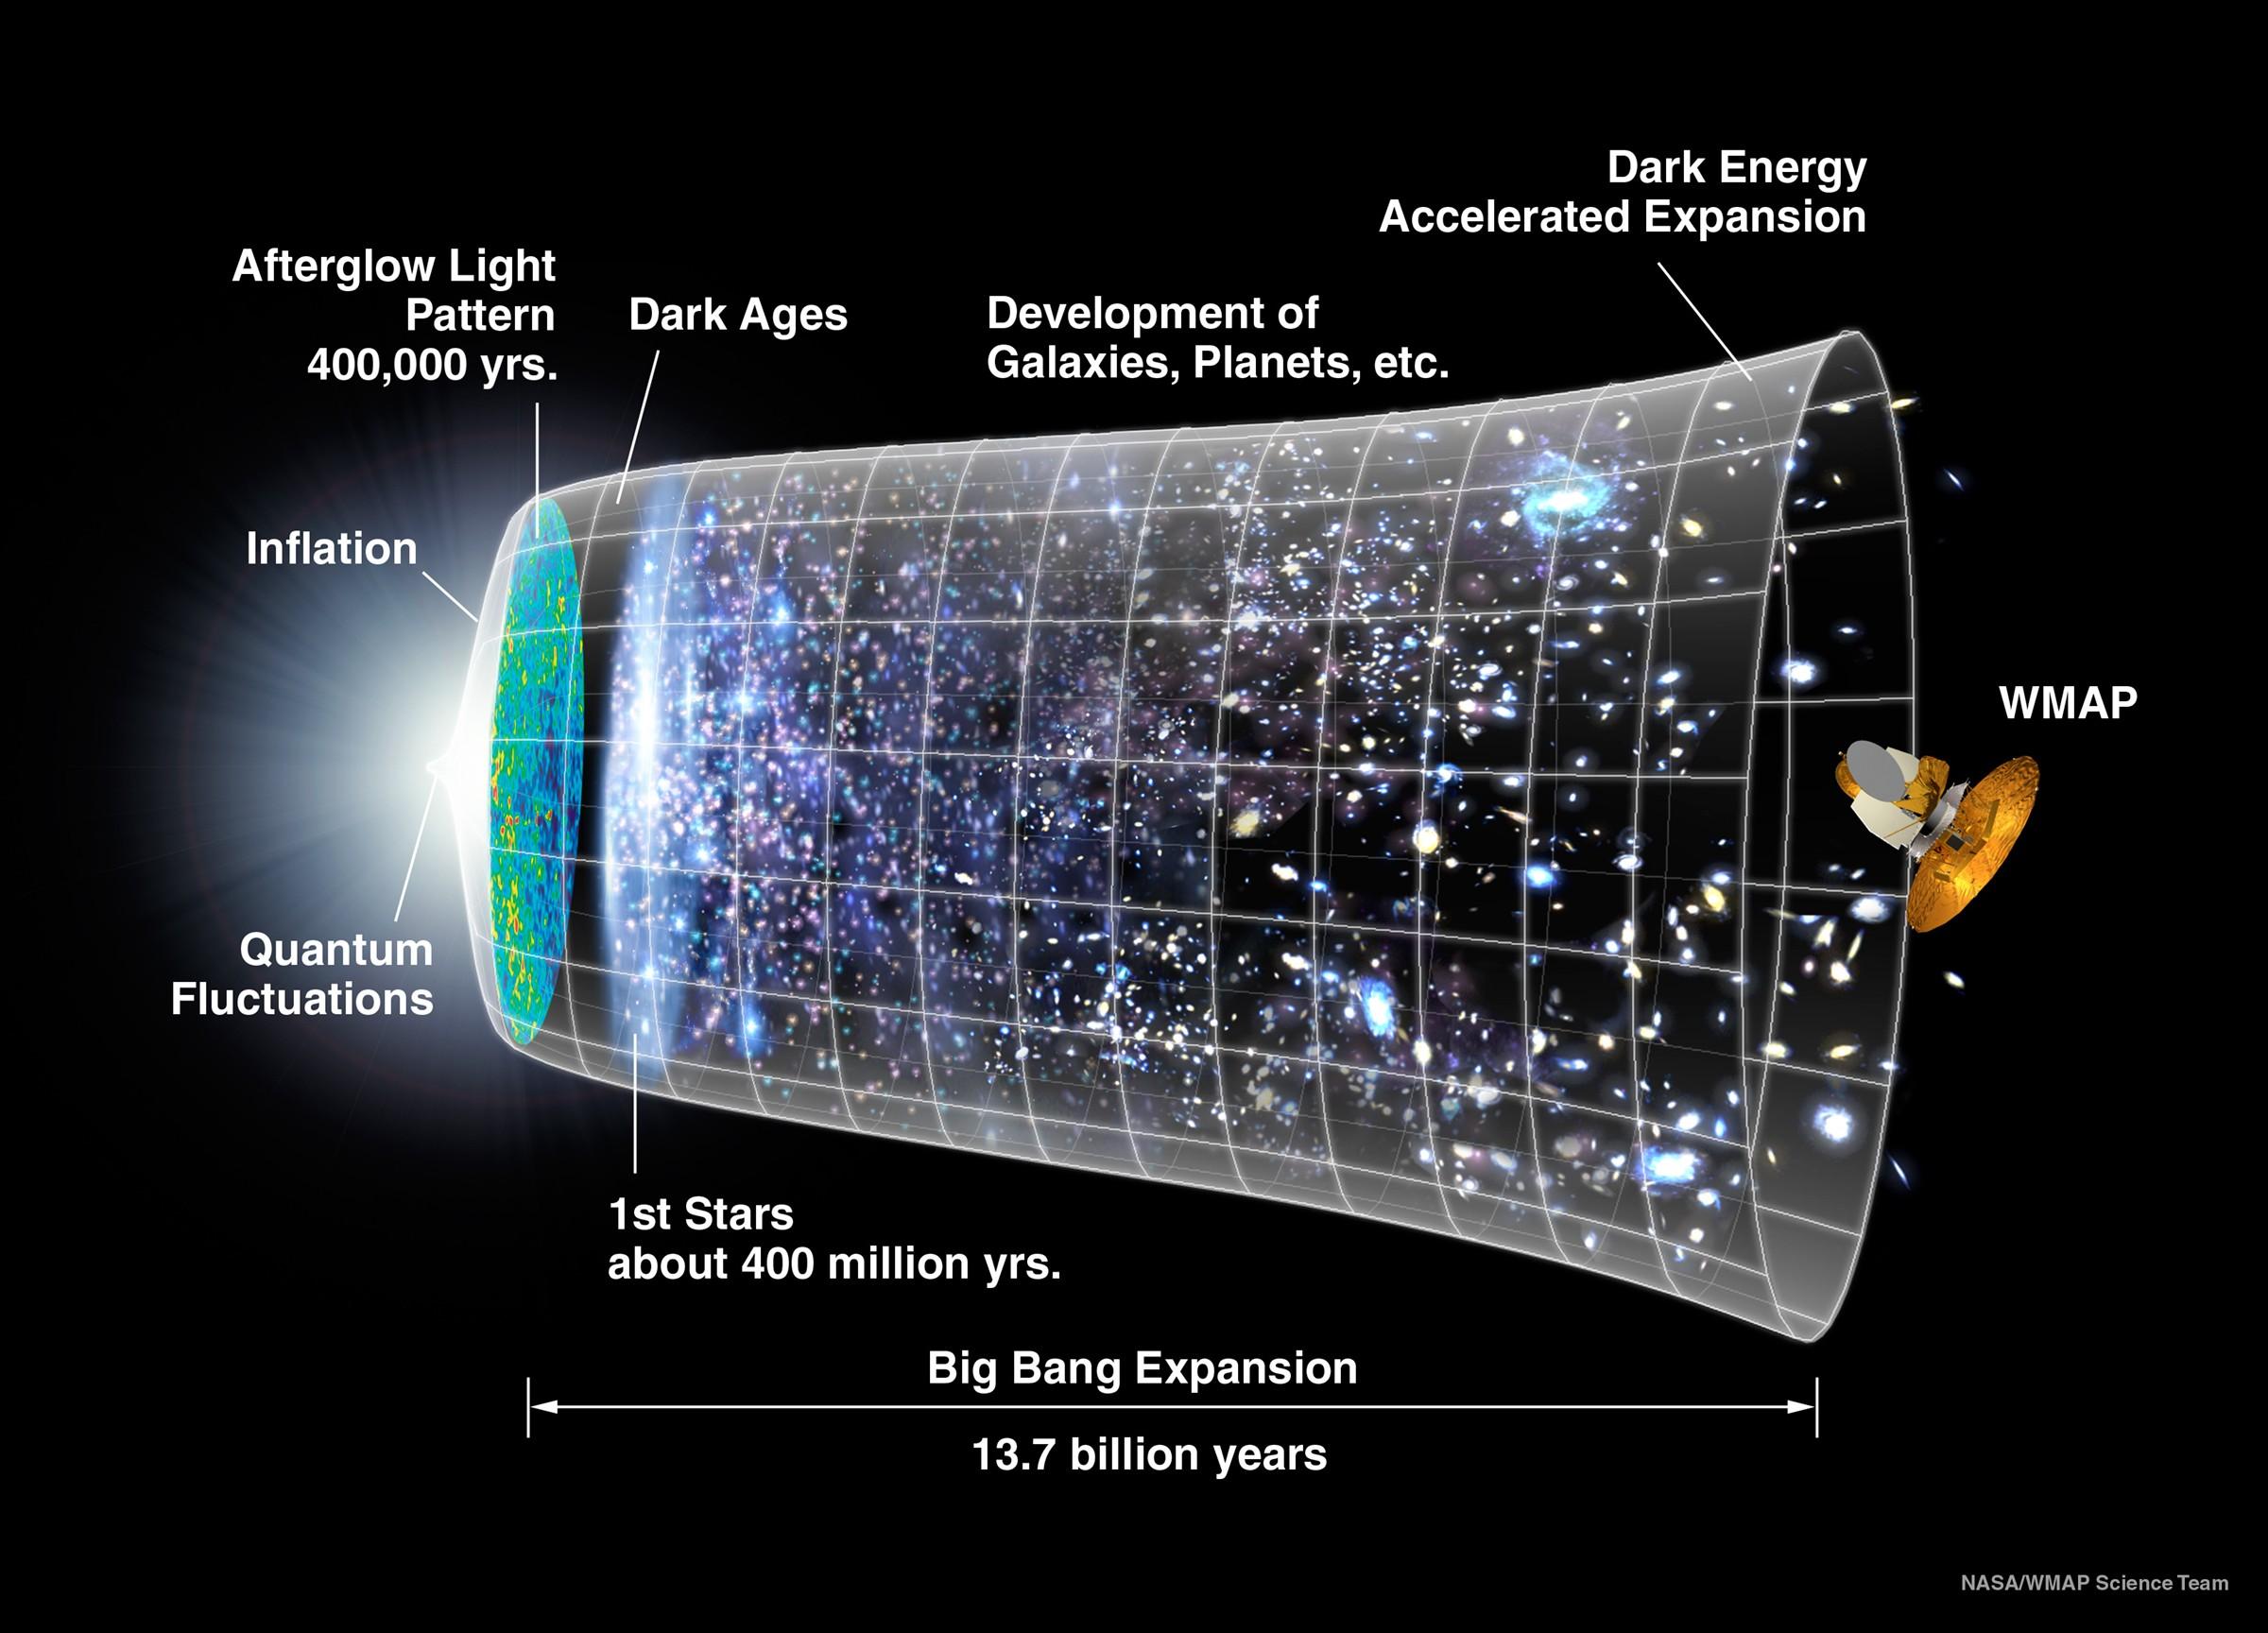 Standardbild das in jedem Artikel zum Urknall auftauchen muss (Bild: NASA/WMAP)